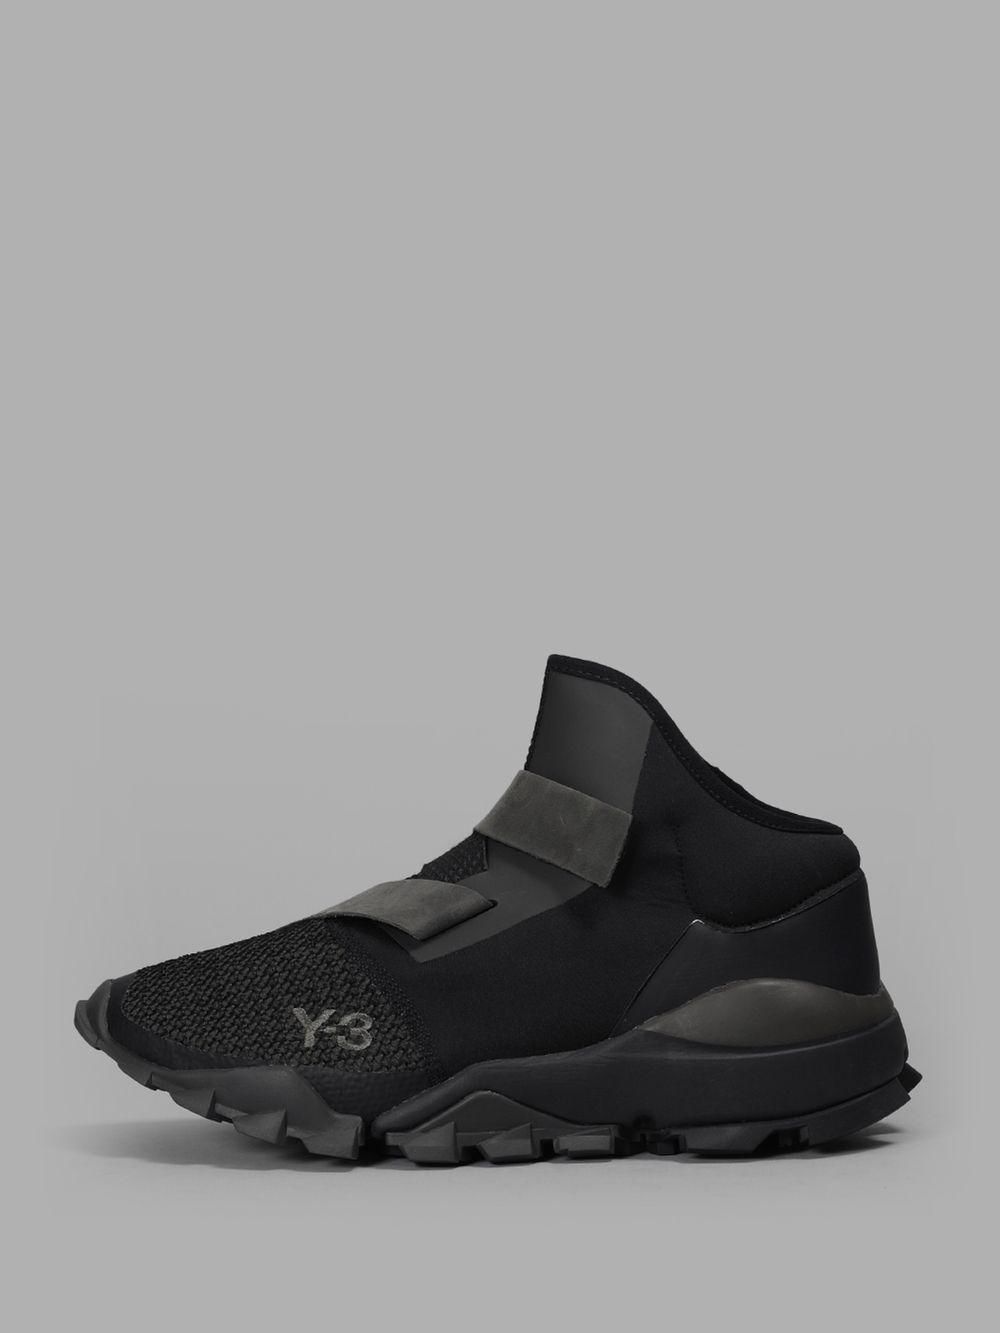 d9469ef24f29 Y-3 Sneakers CG3155